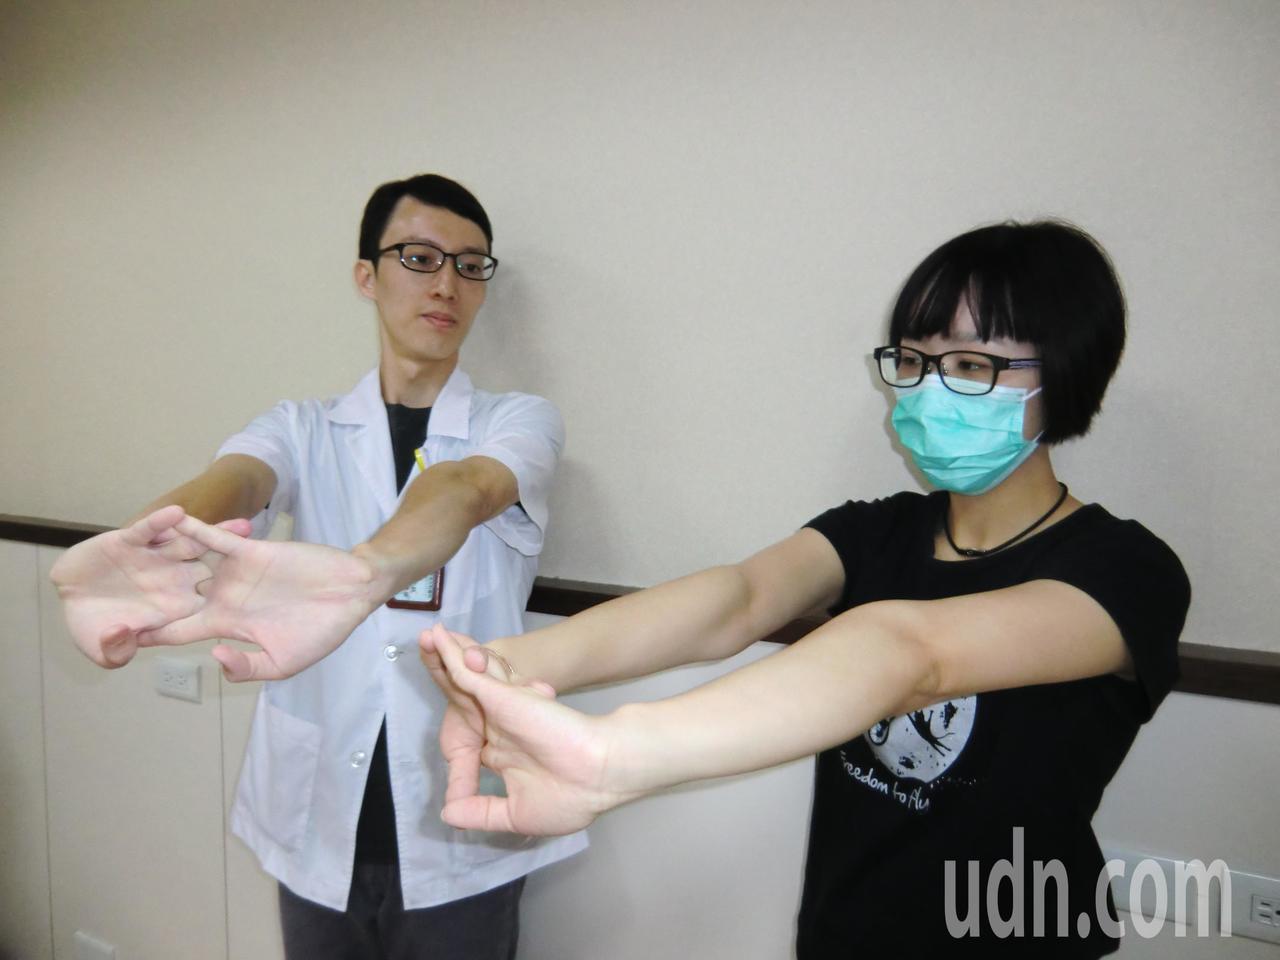 腕隧道症候群復健第一招「手掌牽拉運動」:雙手合掌,掌心朝外,以便讓手掌肌肉放鬆,...